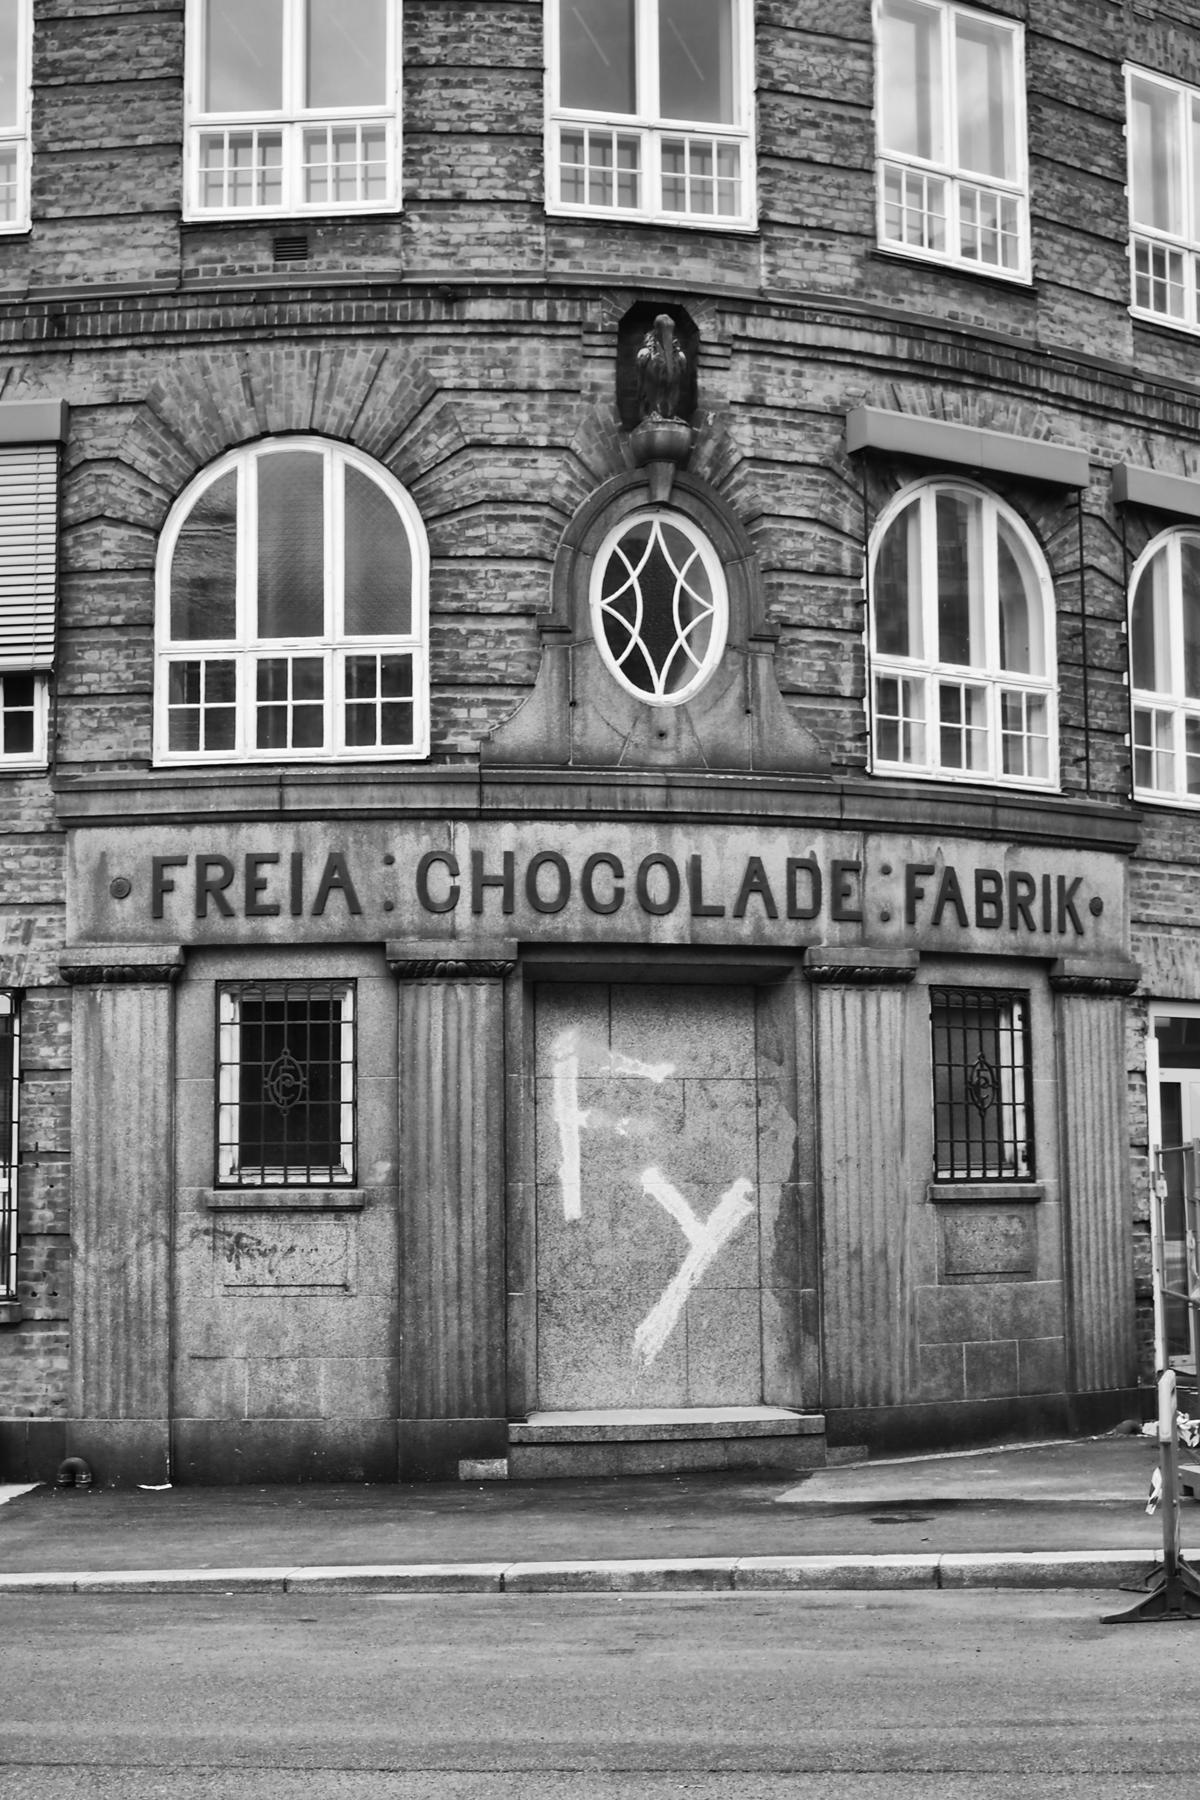 OSLO_FREIA